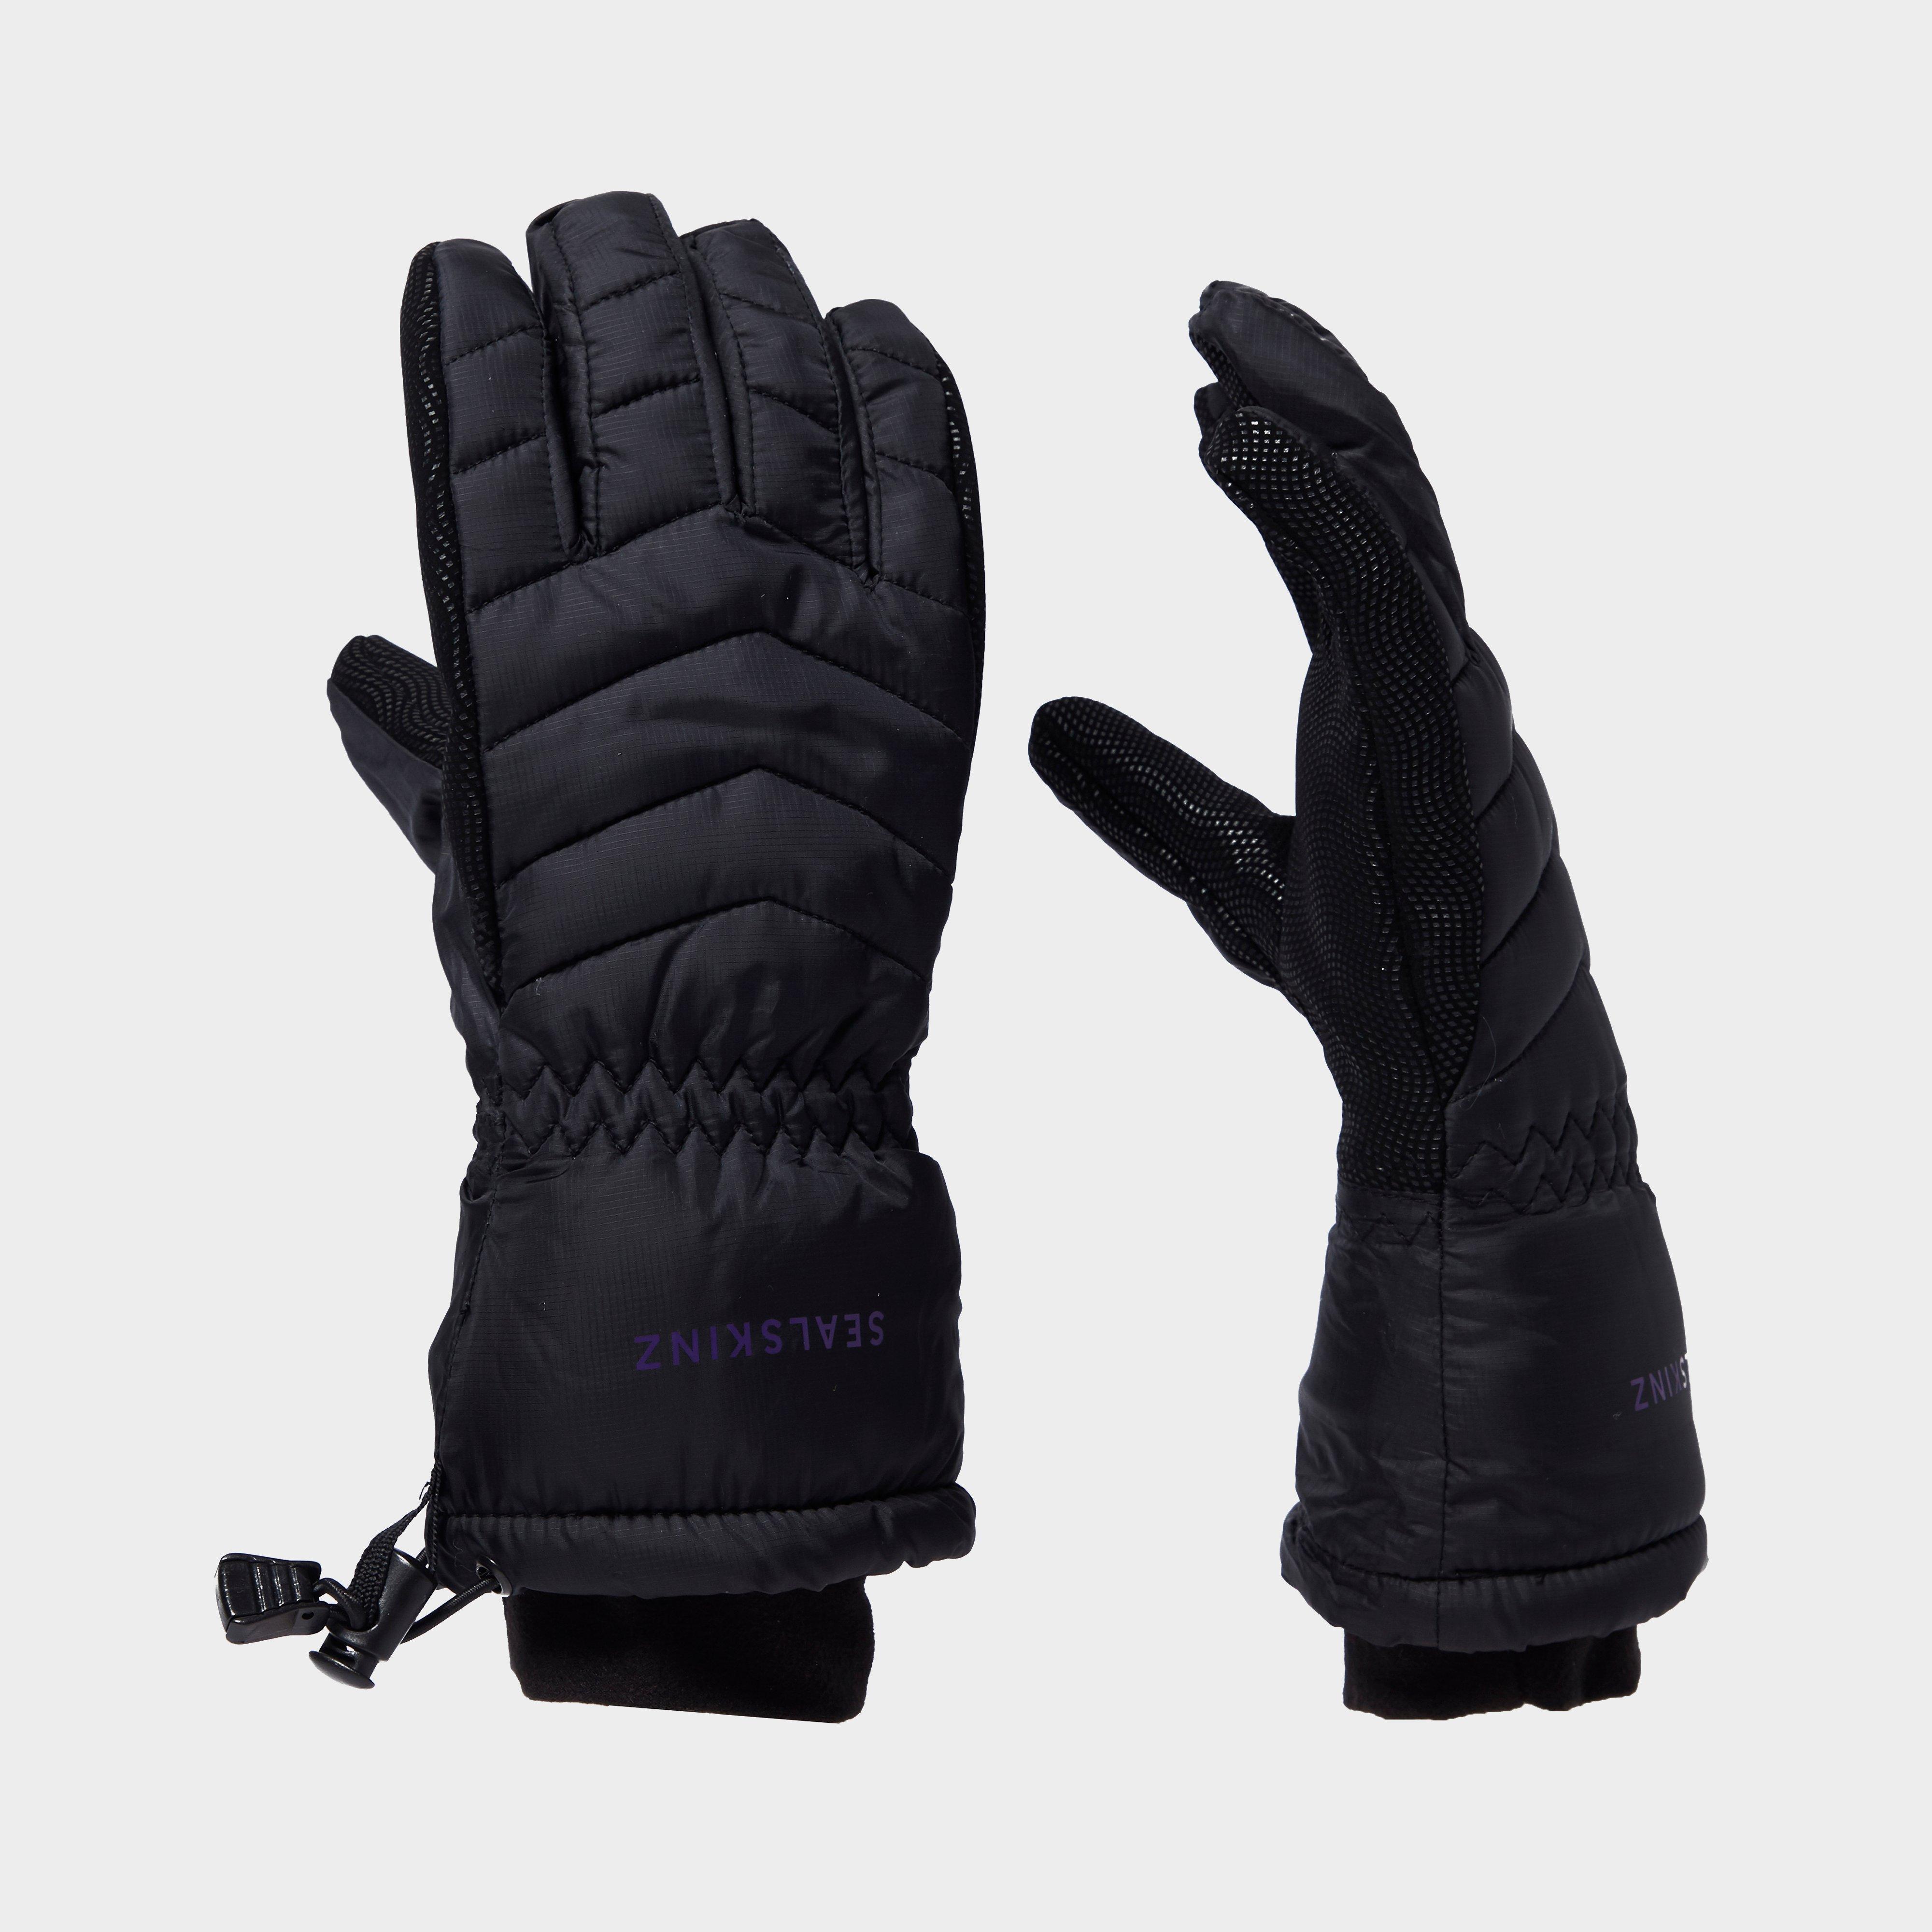 SealSkinz Sealskinz womens Hybrid Outdoor Gloves, Black